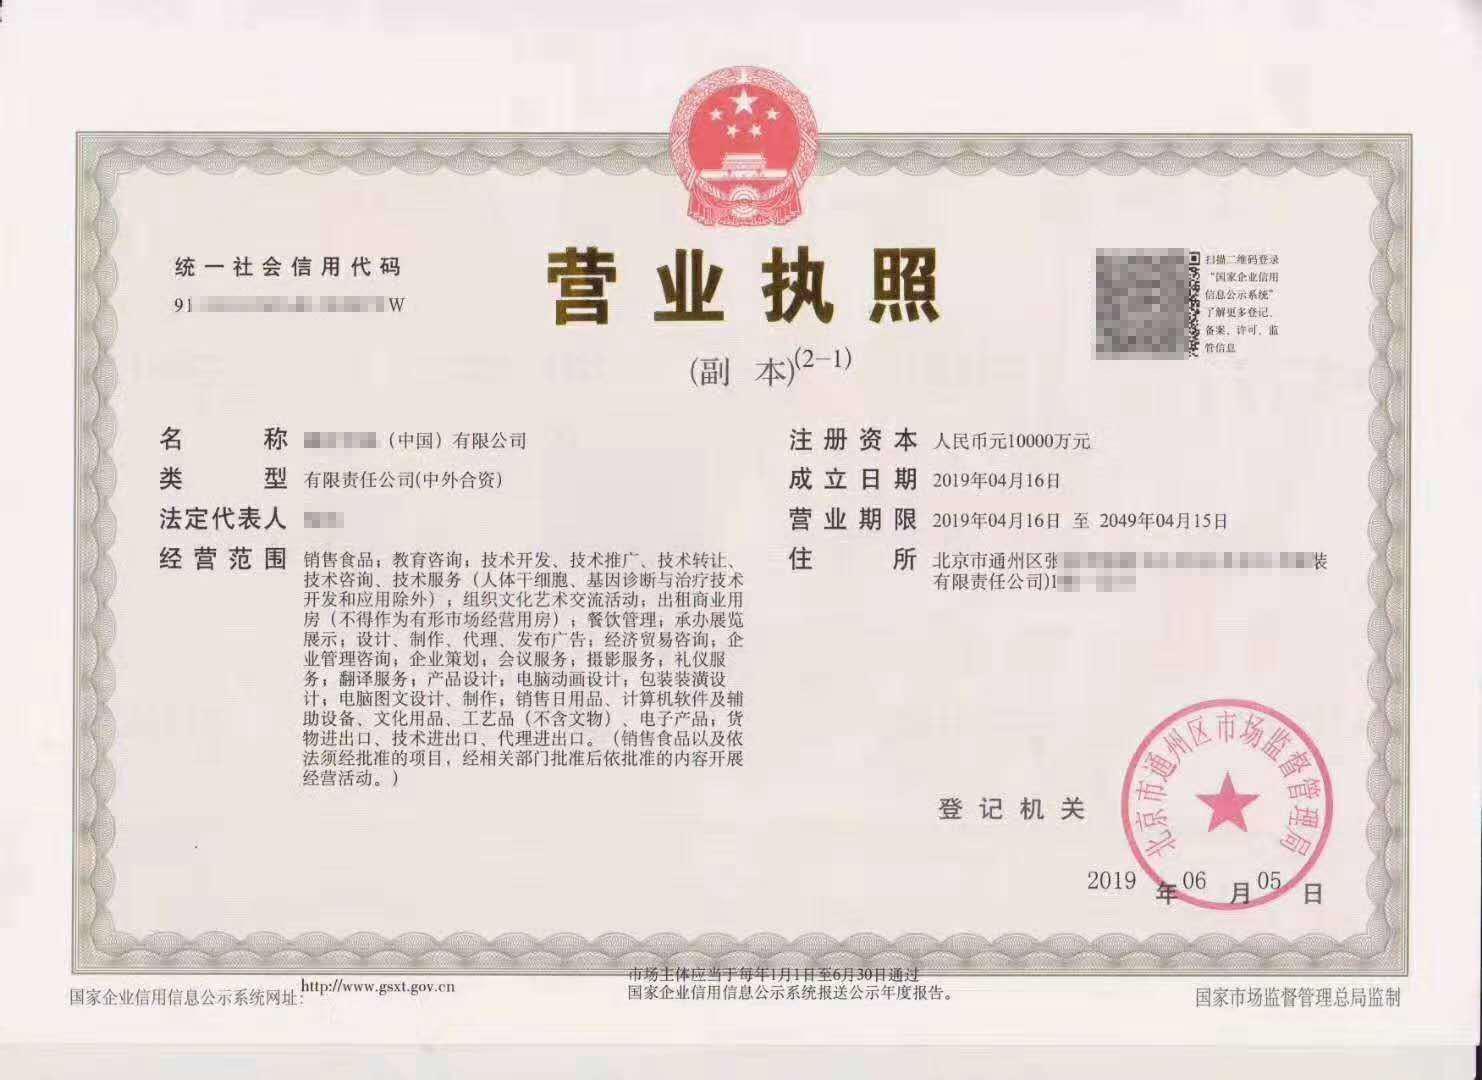 北京国字头中外合资公司营业执照转让